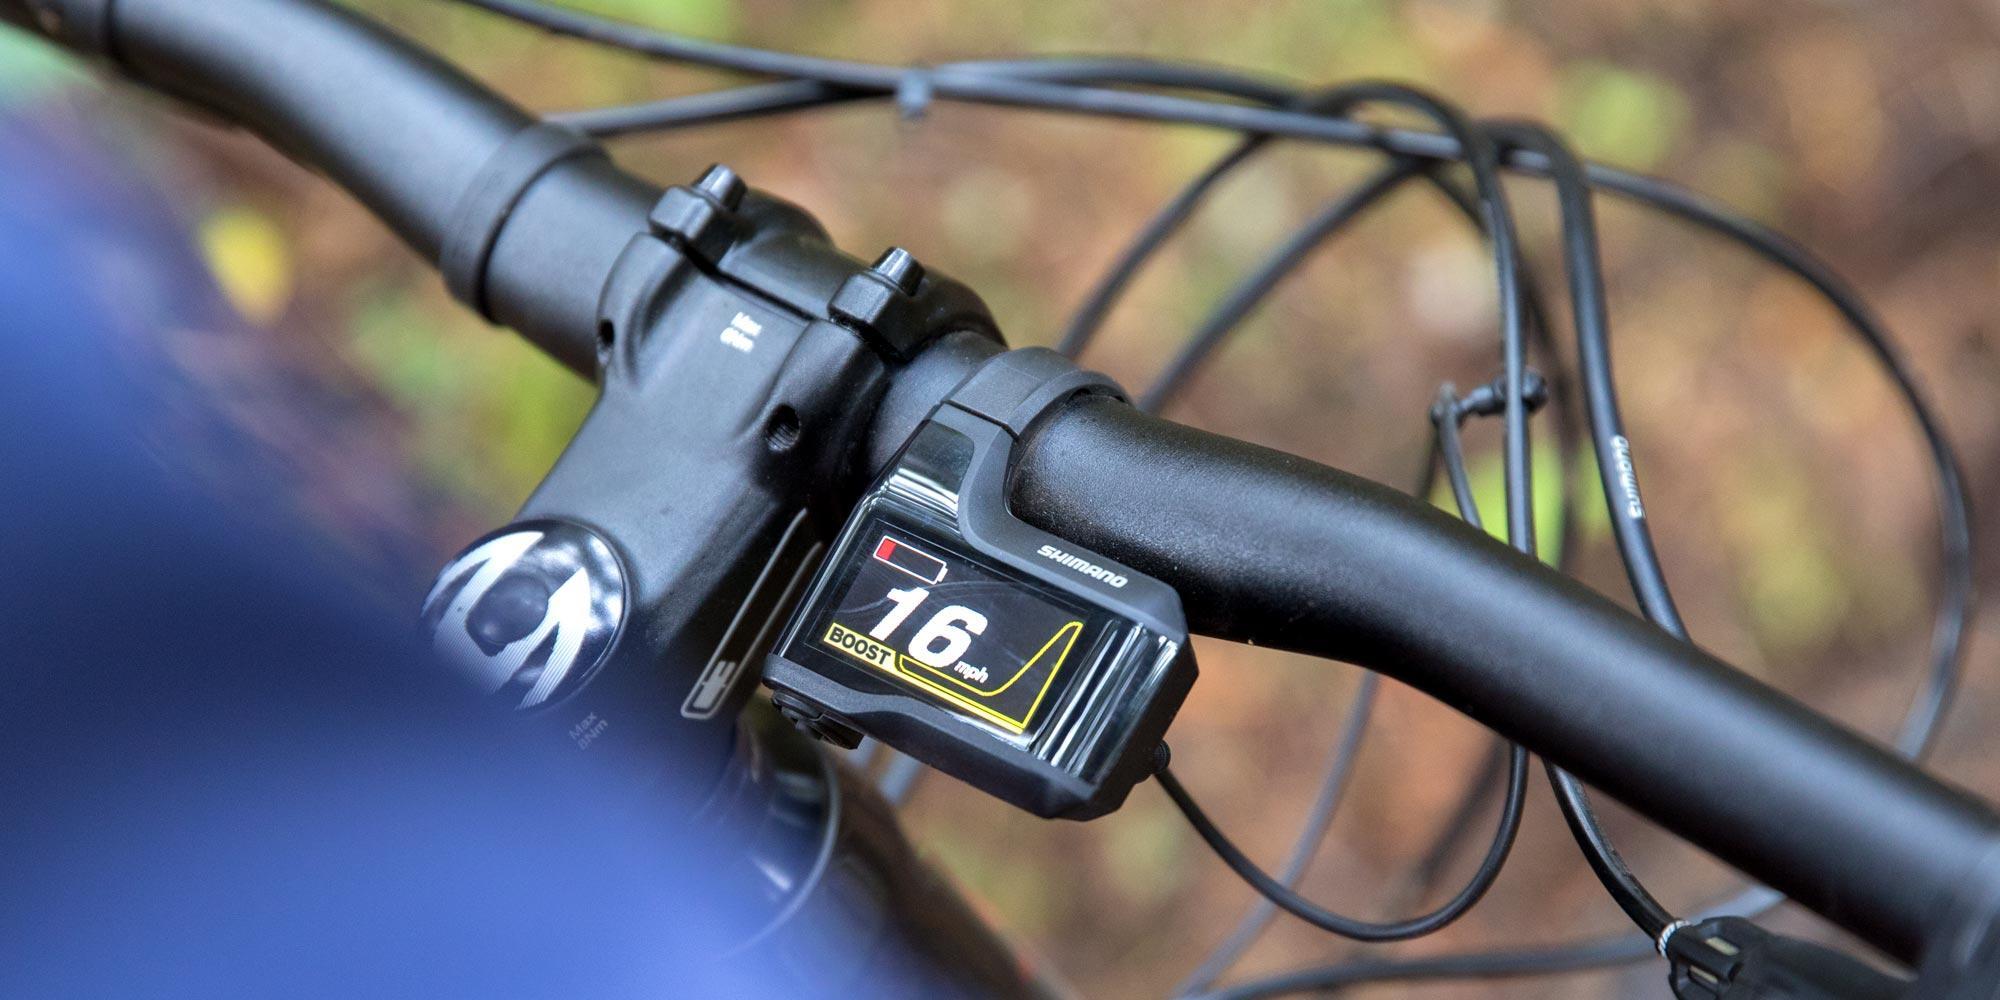 Πώς ποδηλατούμε με ένα ηλεκτρικό ποδήλατο βουνού